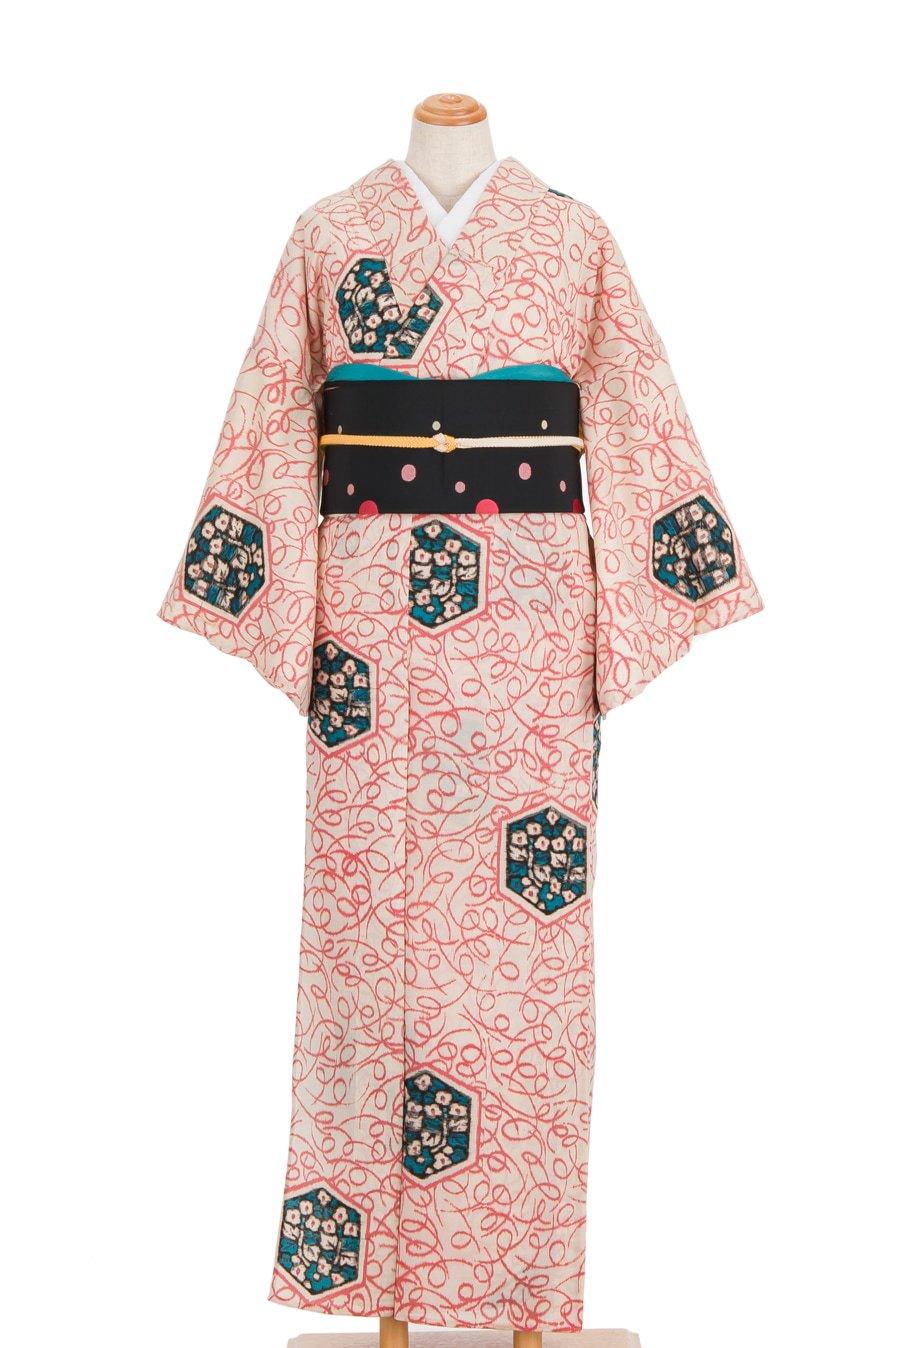 「単衣 アンティーク 亀甲に花」の商品画像